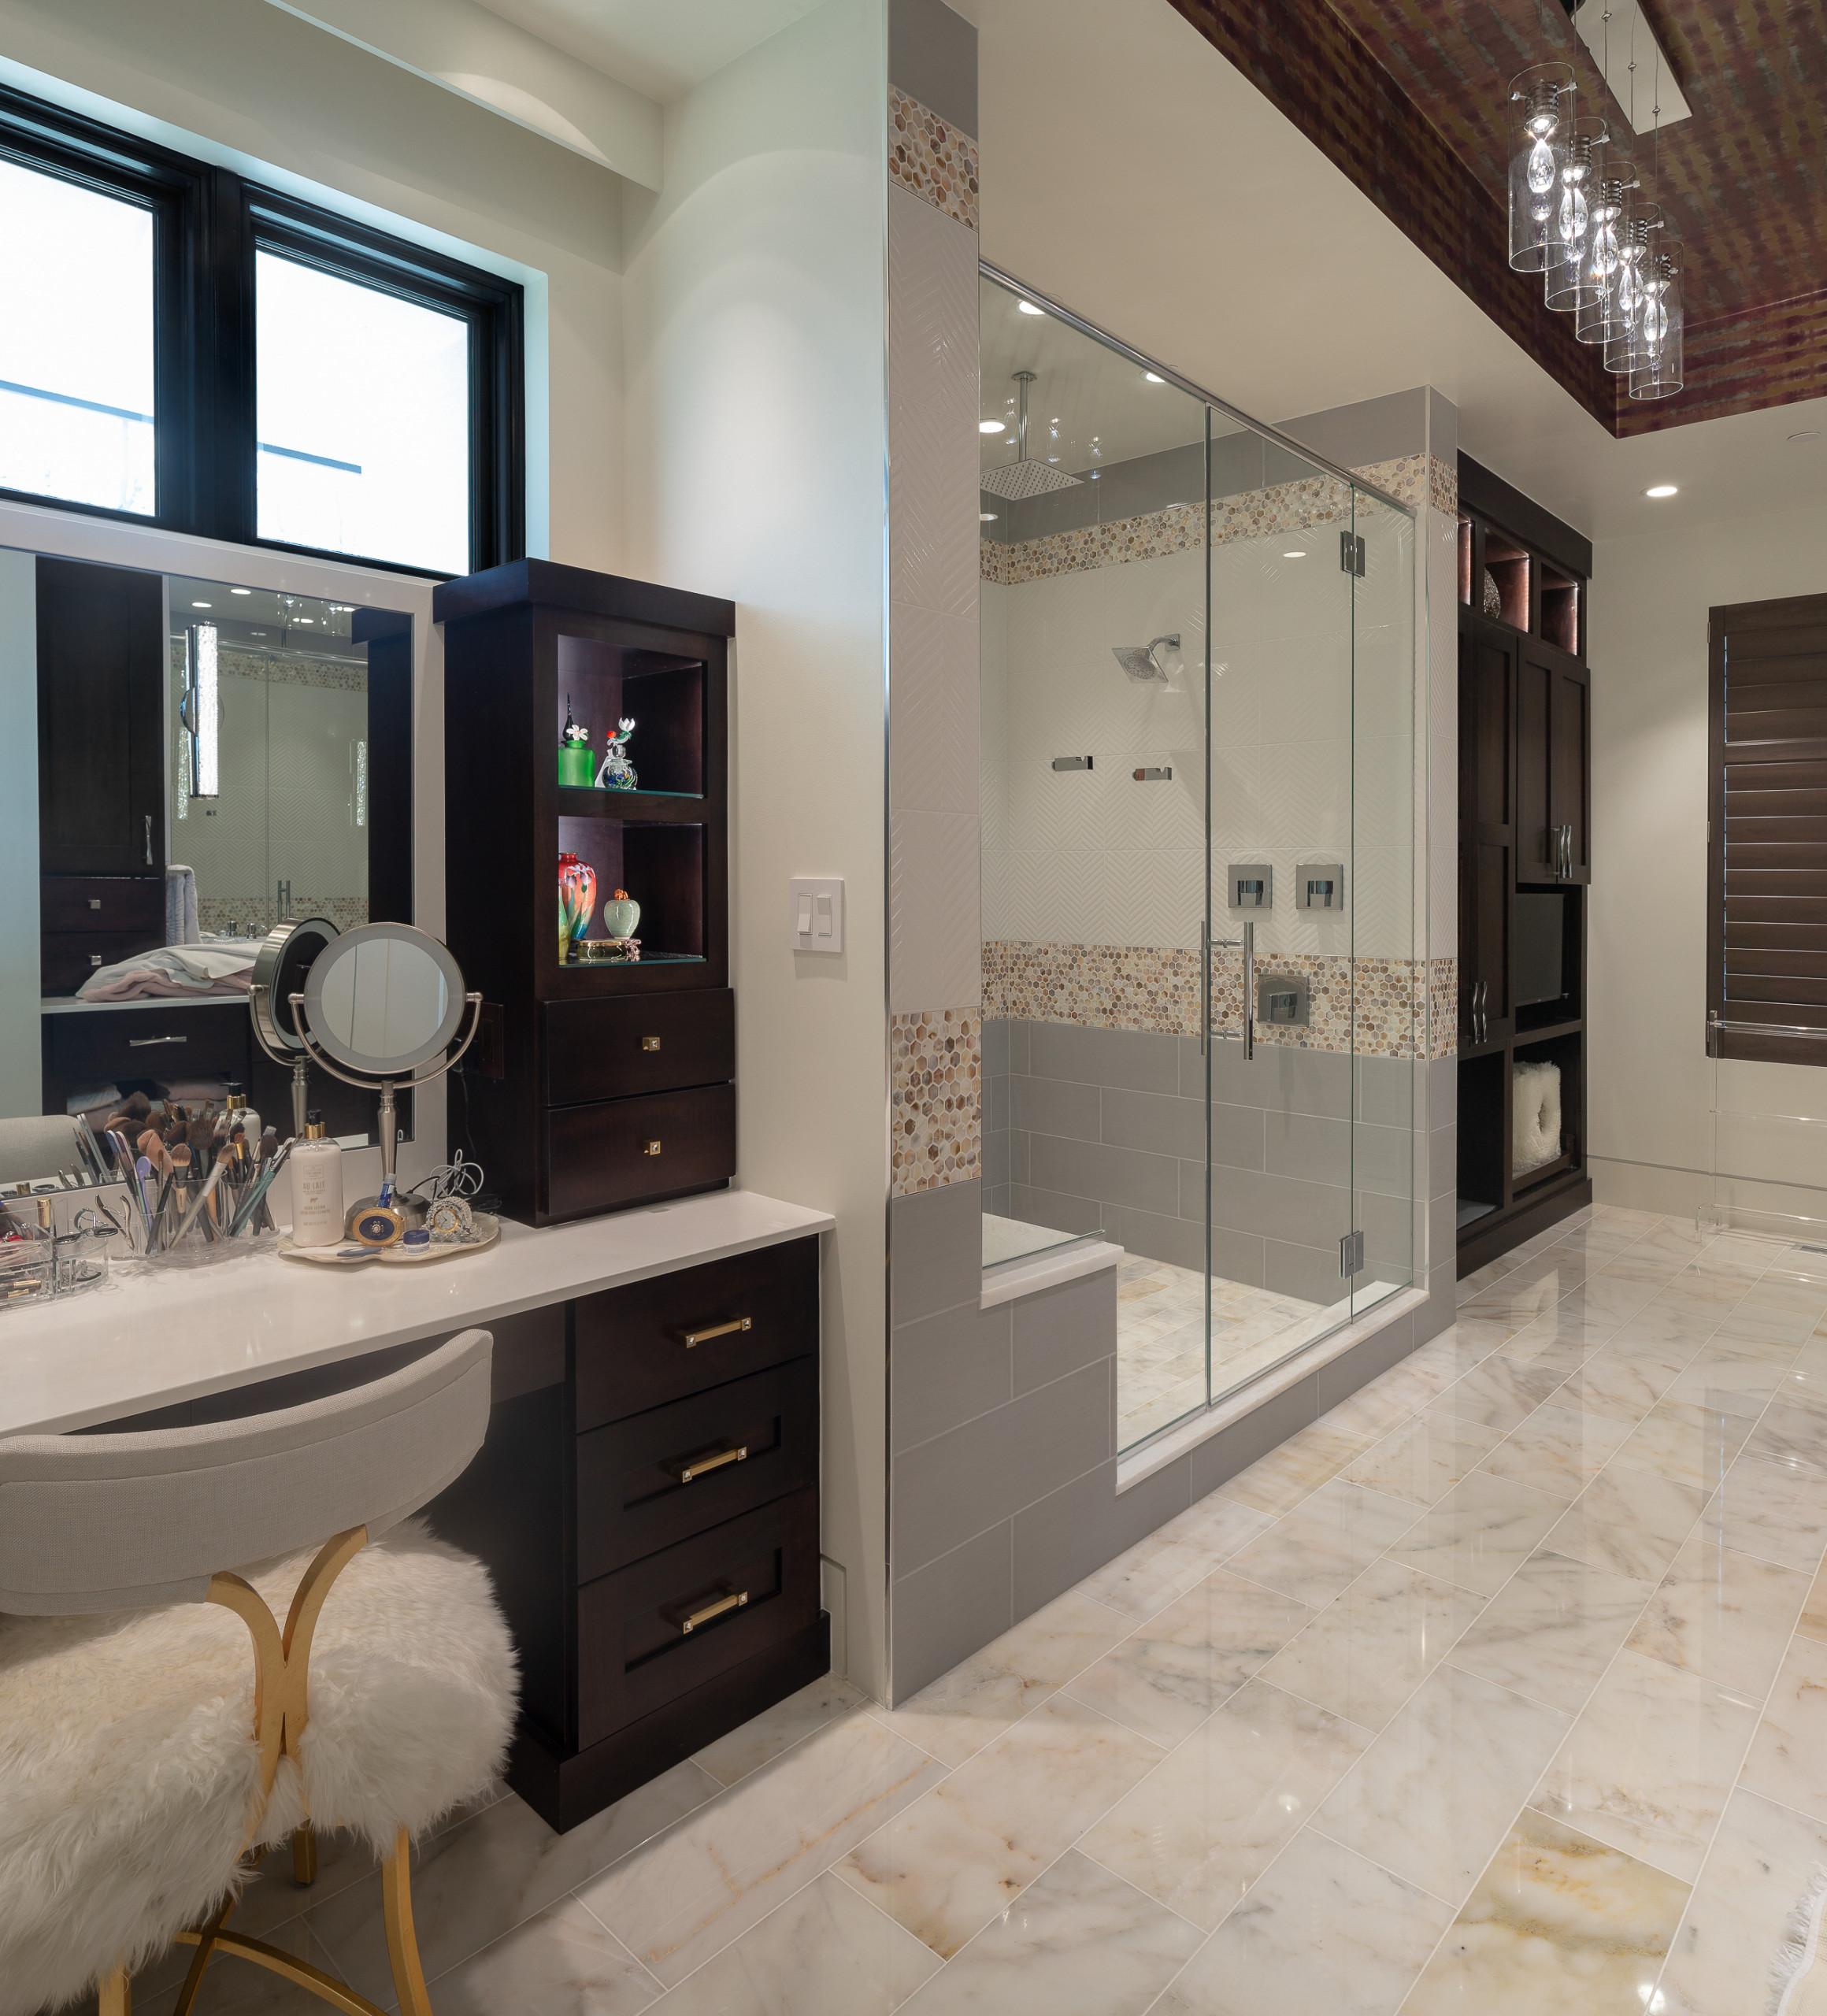 Certified Luxury Builders - J Paul Builders - Baltimore, MD - Korotki Home